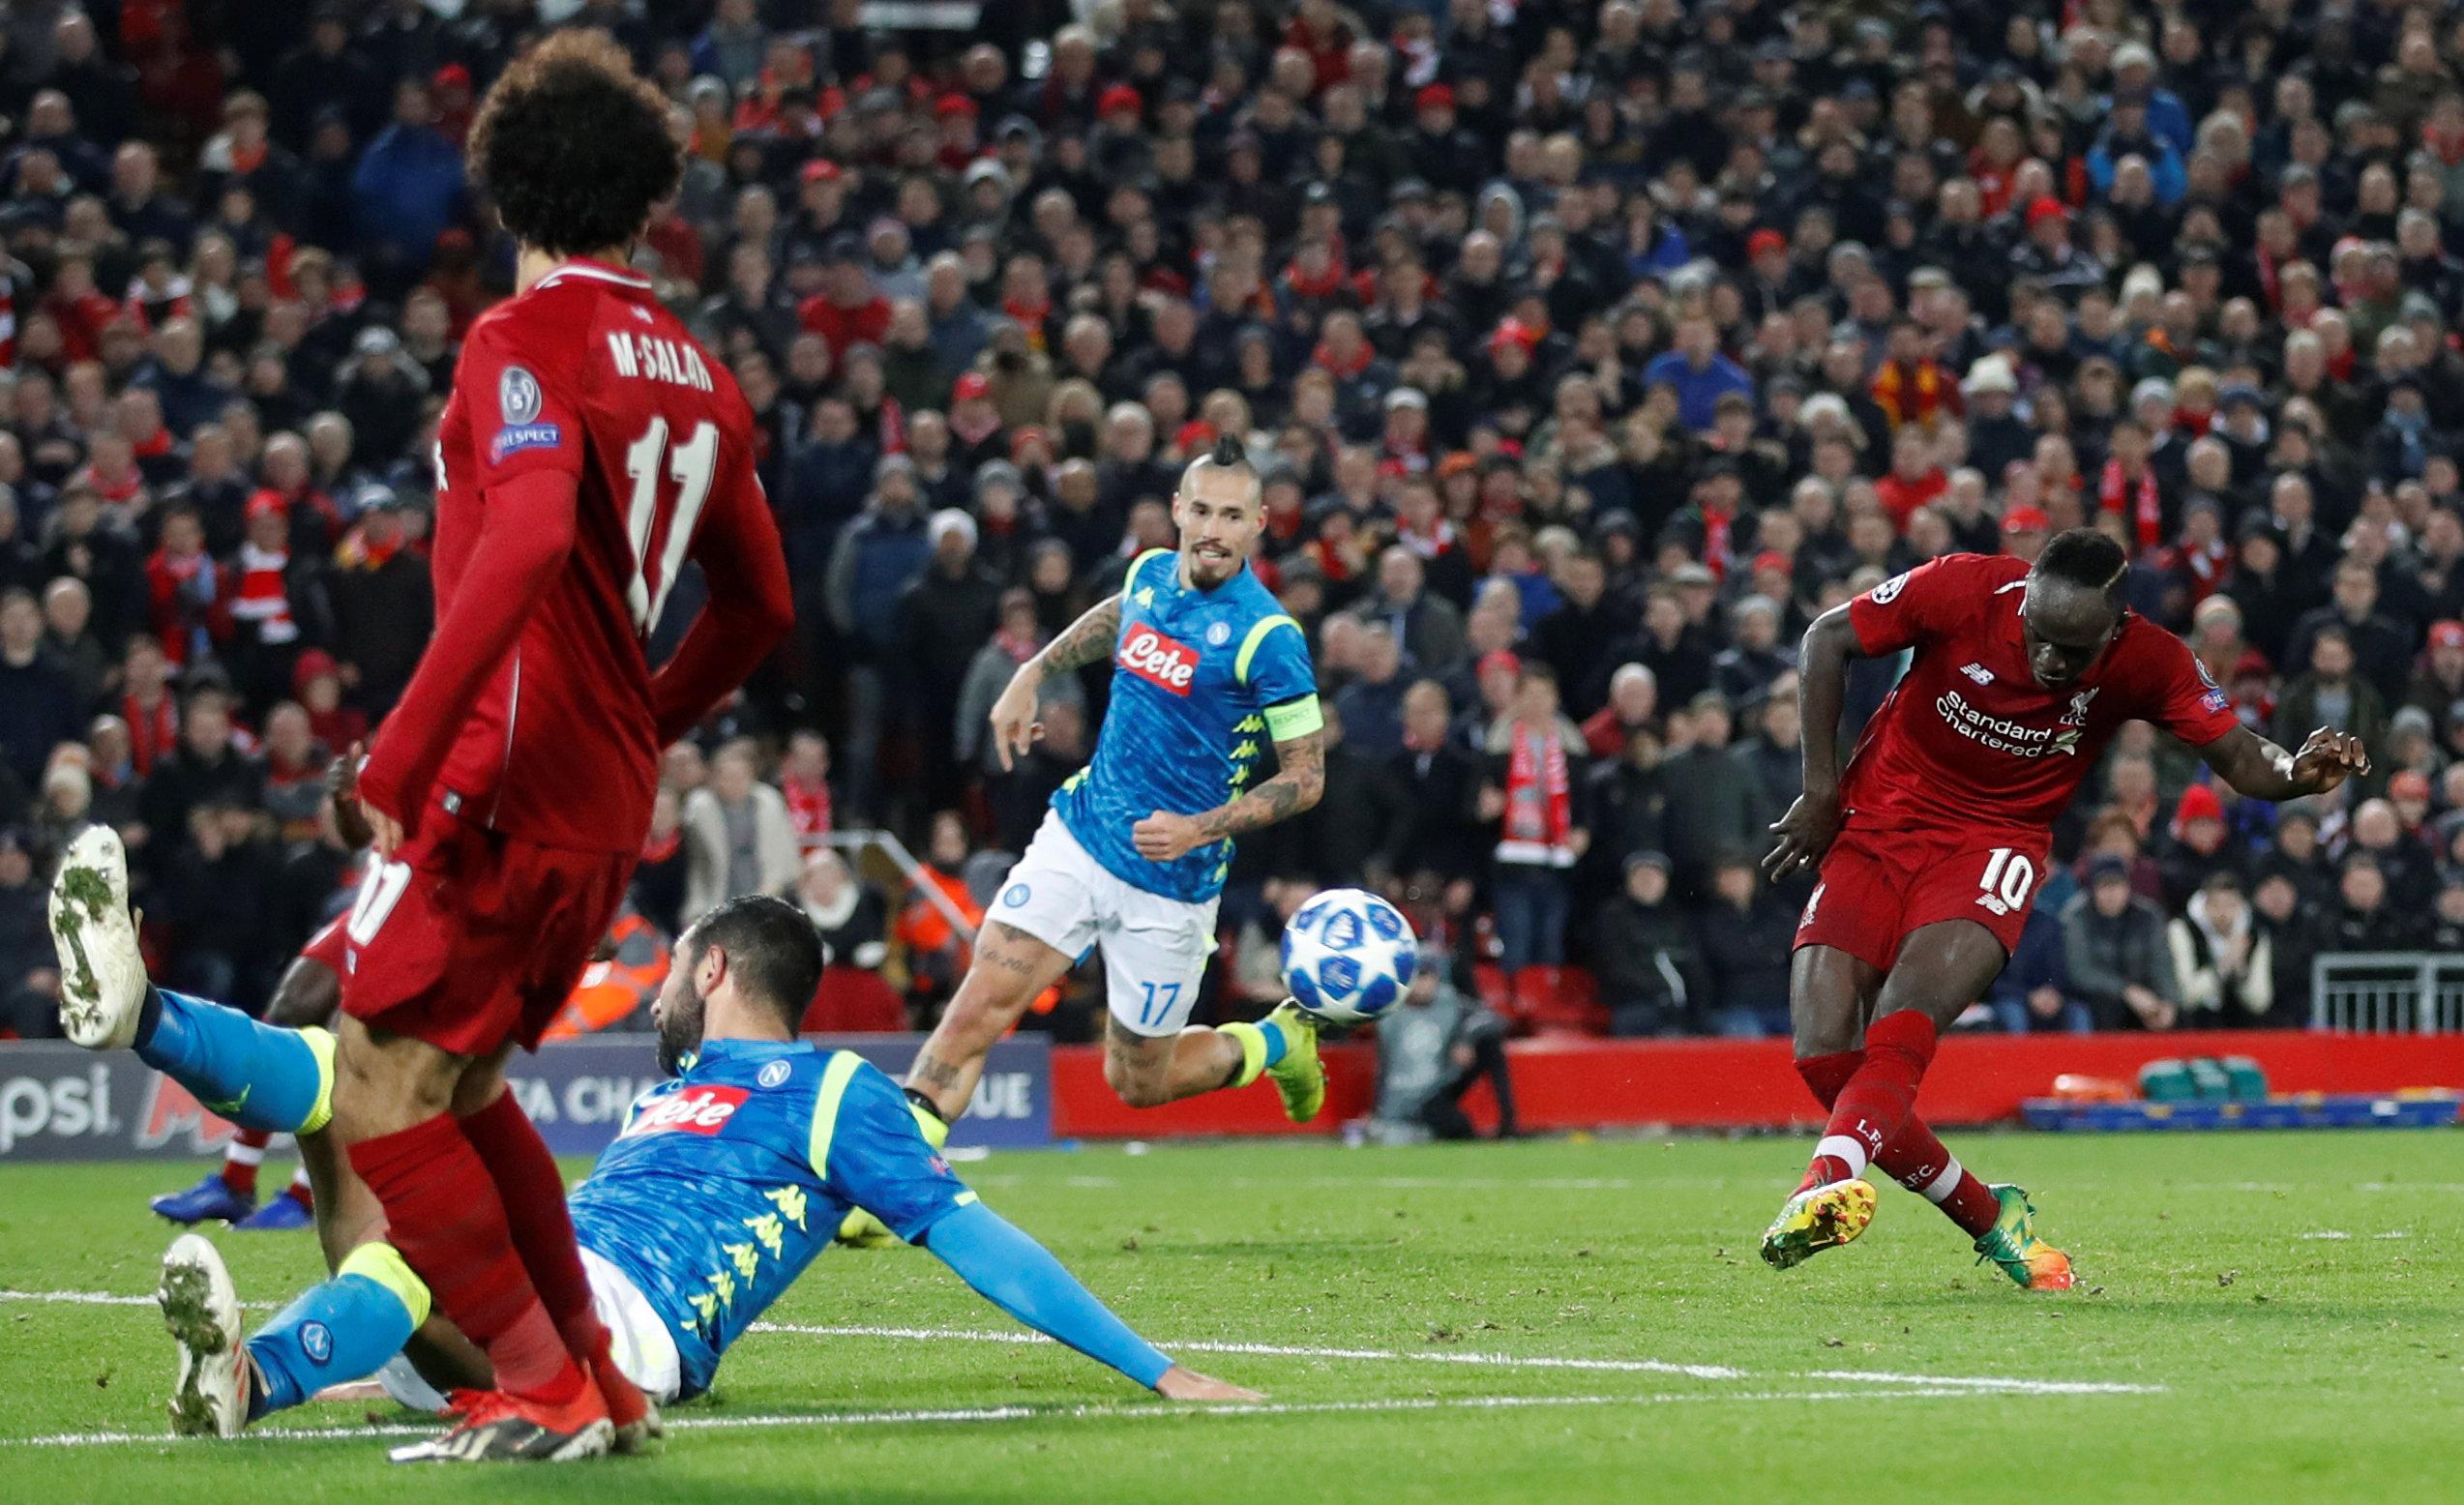 Liverpool Vs Napoli: Last 4 Meetings